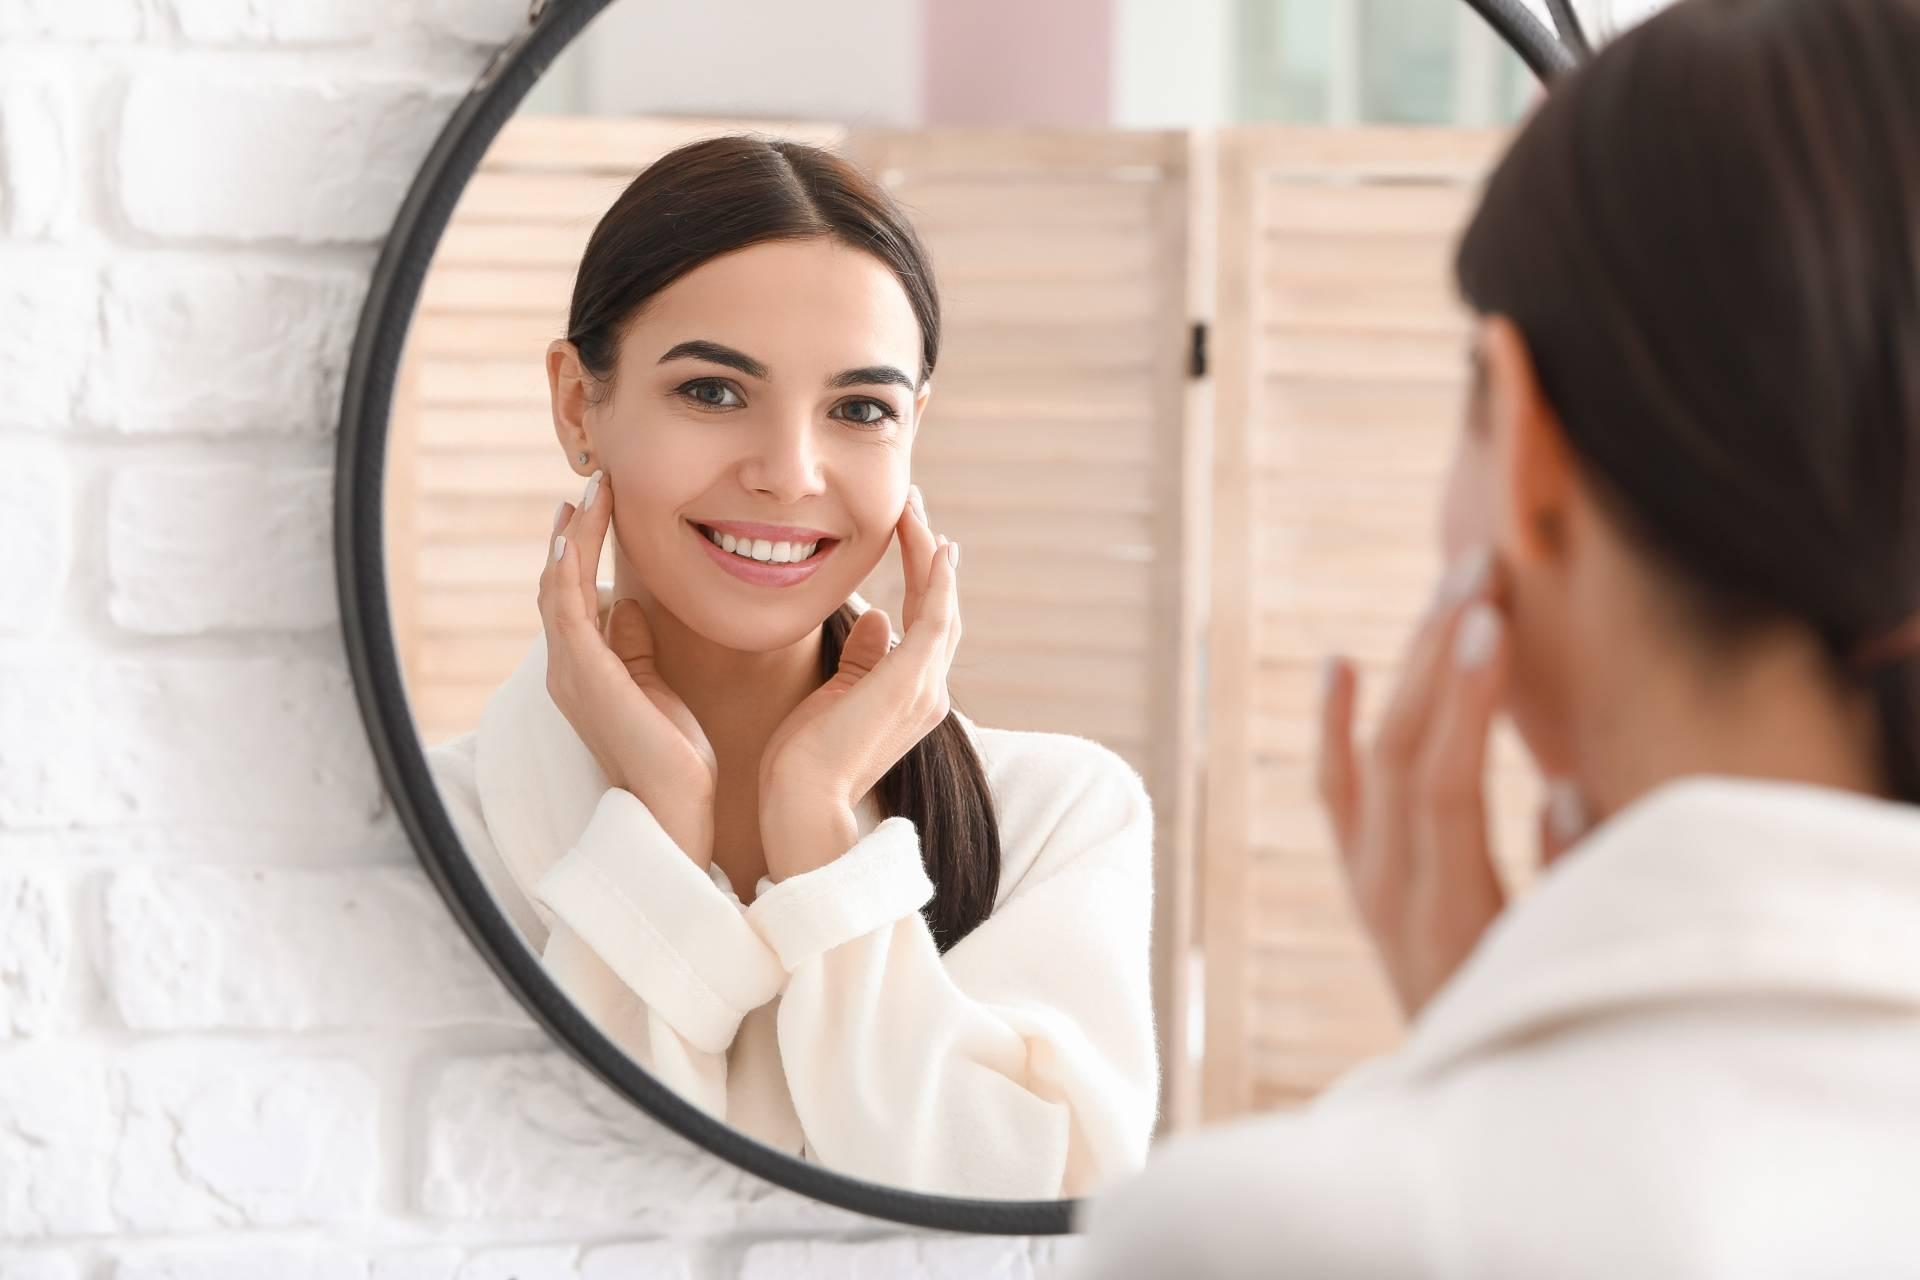 Olejek arganowy do pielęgnacji twarzy. Młoda kobieta w białym szlafroku dotyka dłońmi twarzy uśmiechając się do lustra.